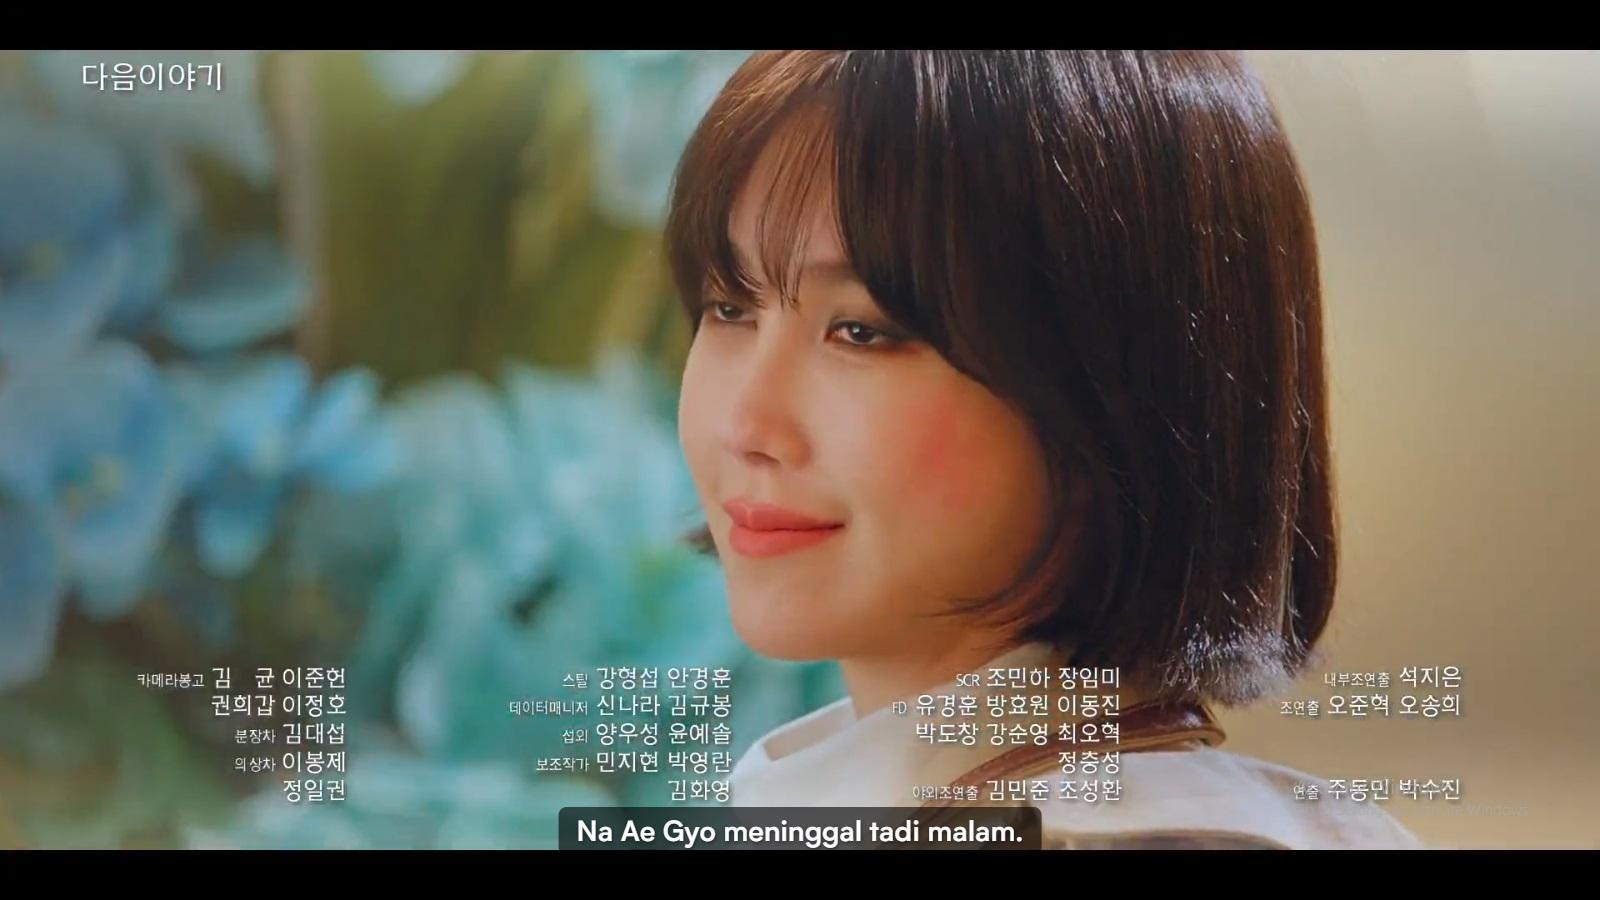 Na Ae Gyeo ditemukan telah meninggal dunia.